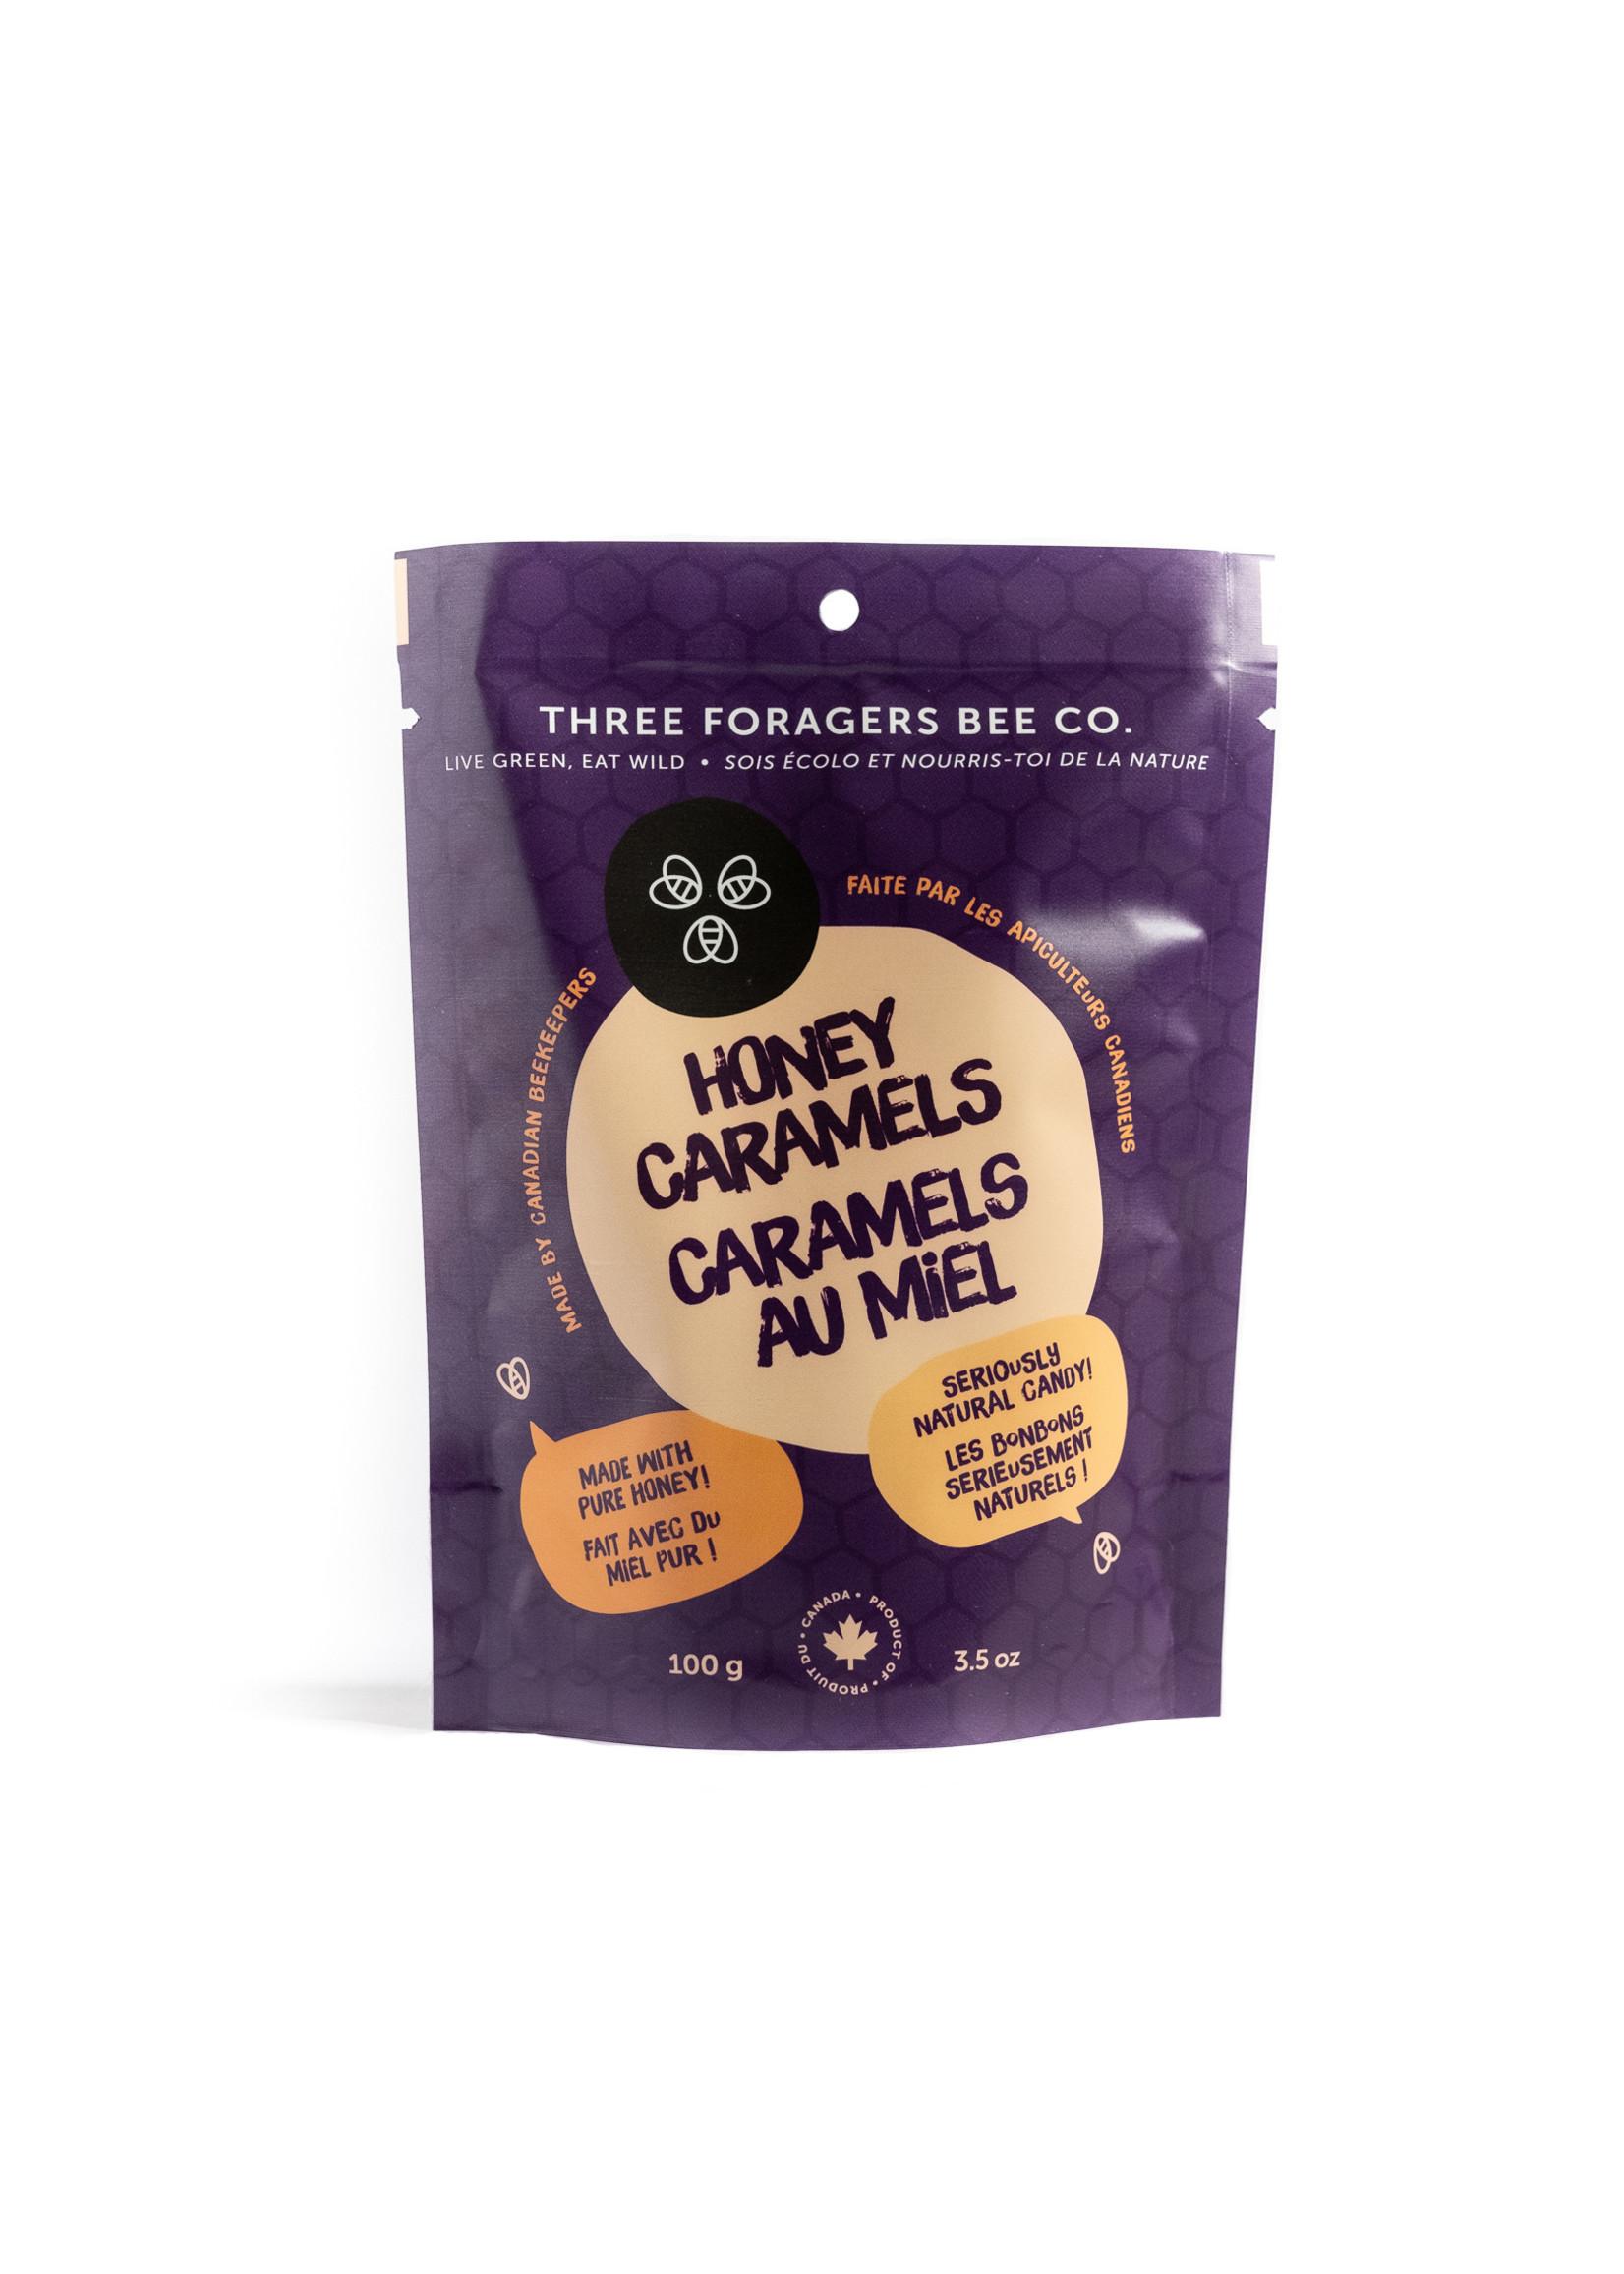 Three Foragers Honey Caramels Original 100g